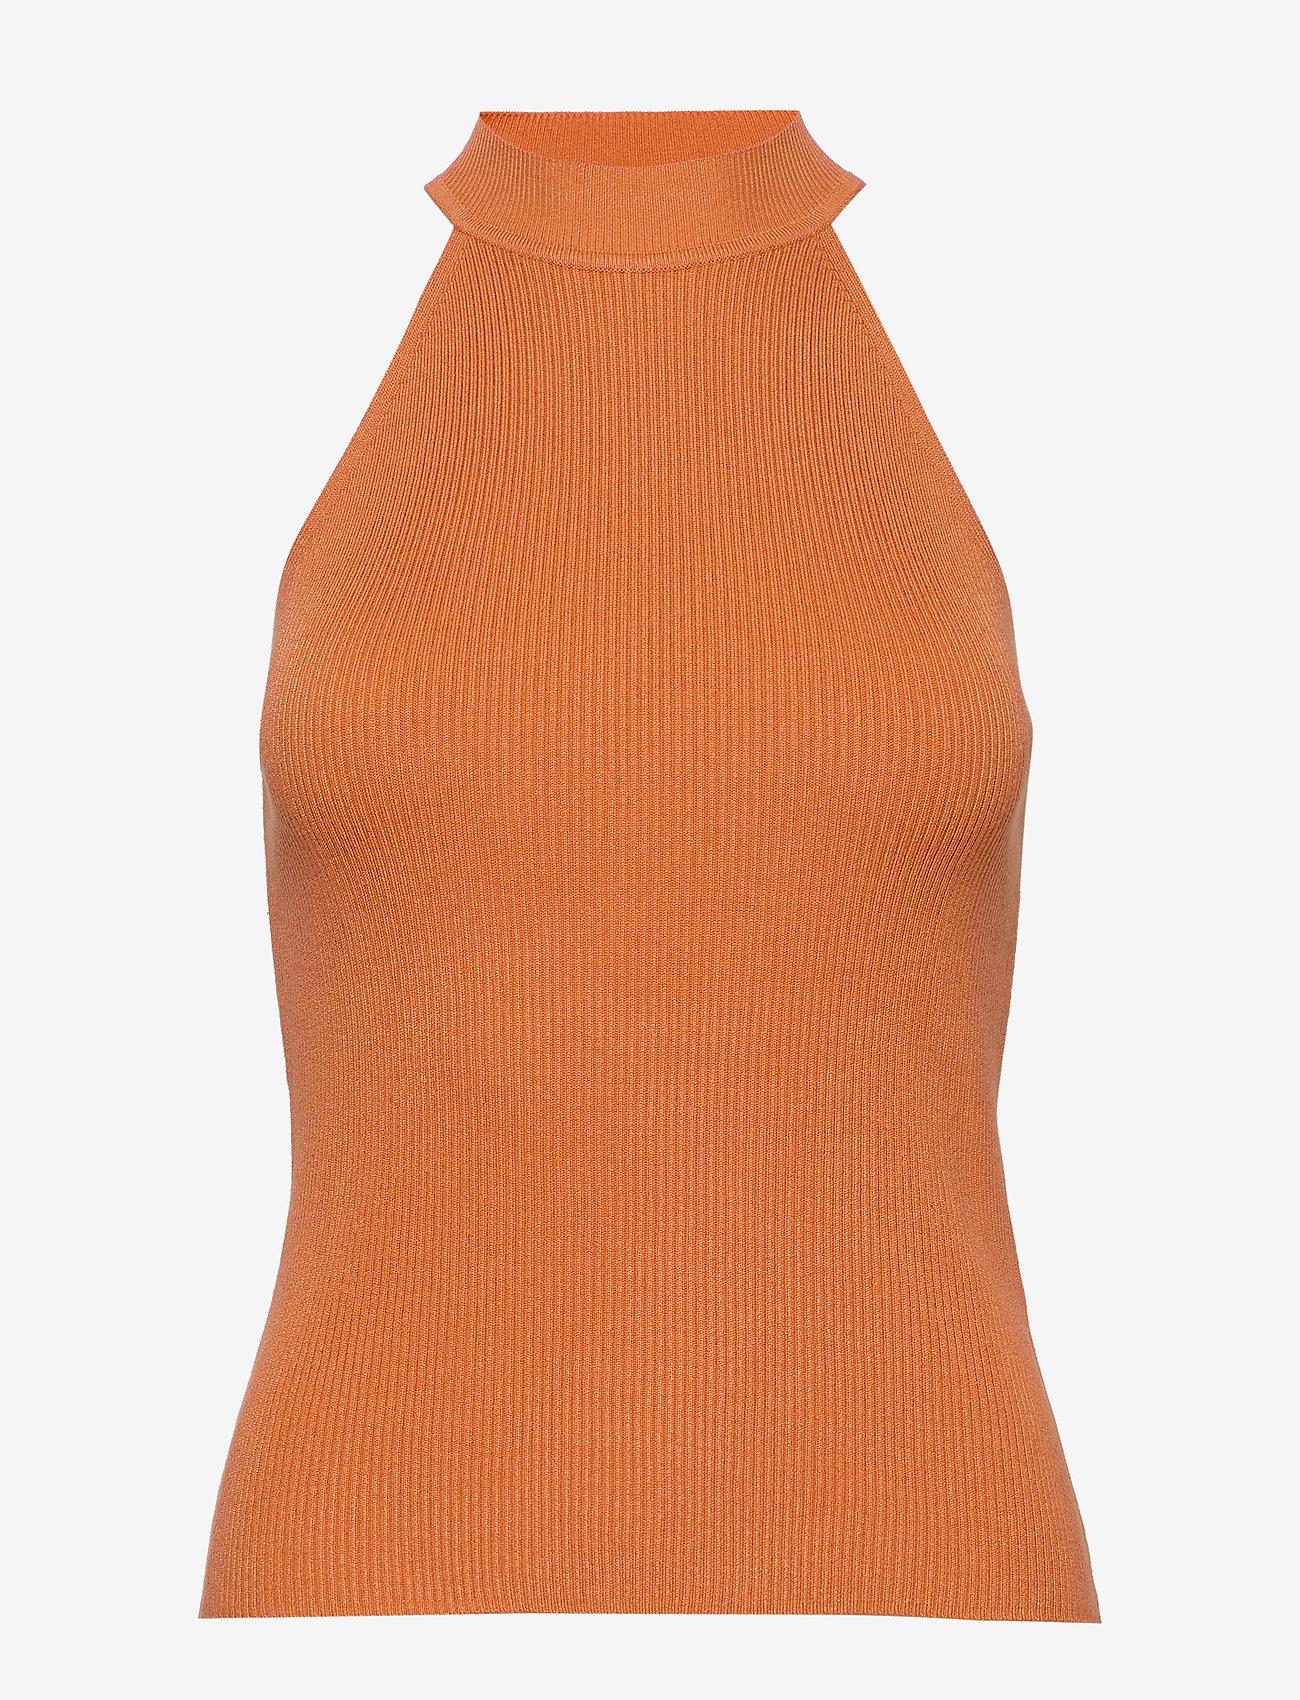 Selected Femme - SLFSOLITA SL KNIT TOP B - knitted tops & t-shirts - caramel